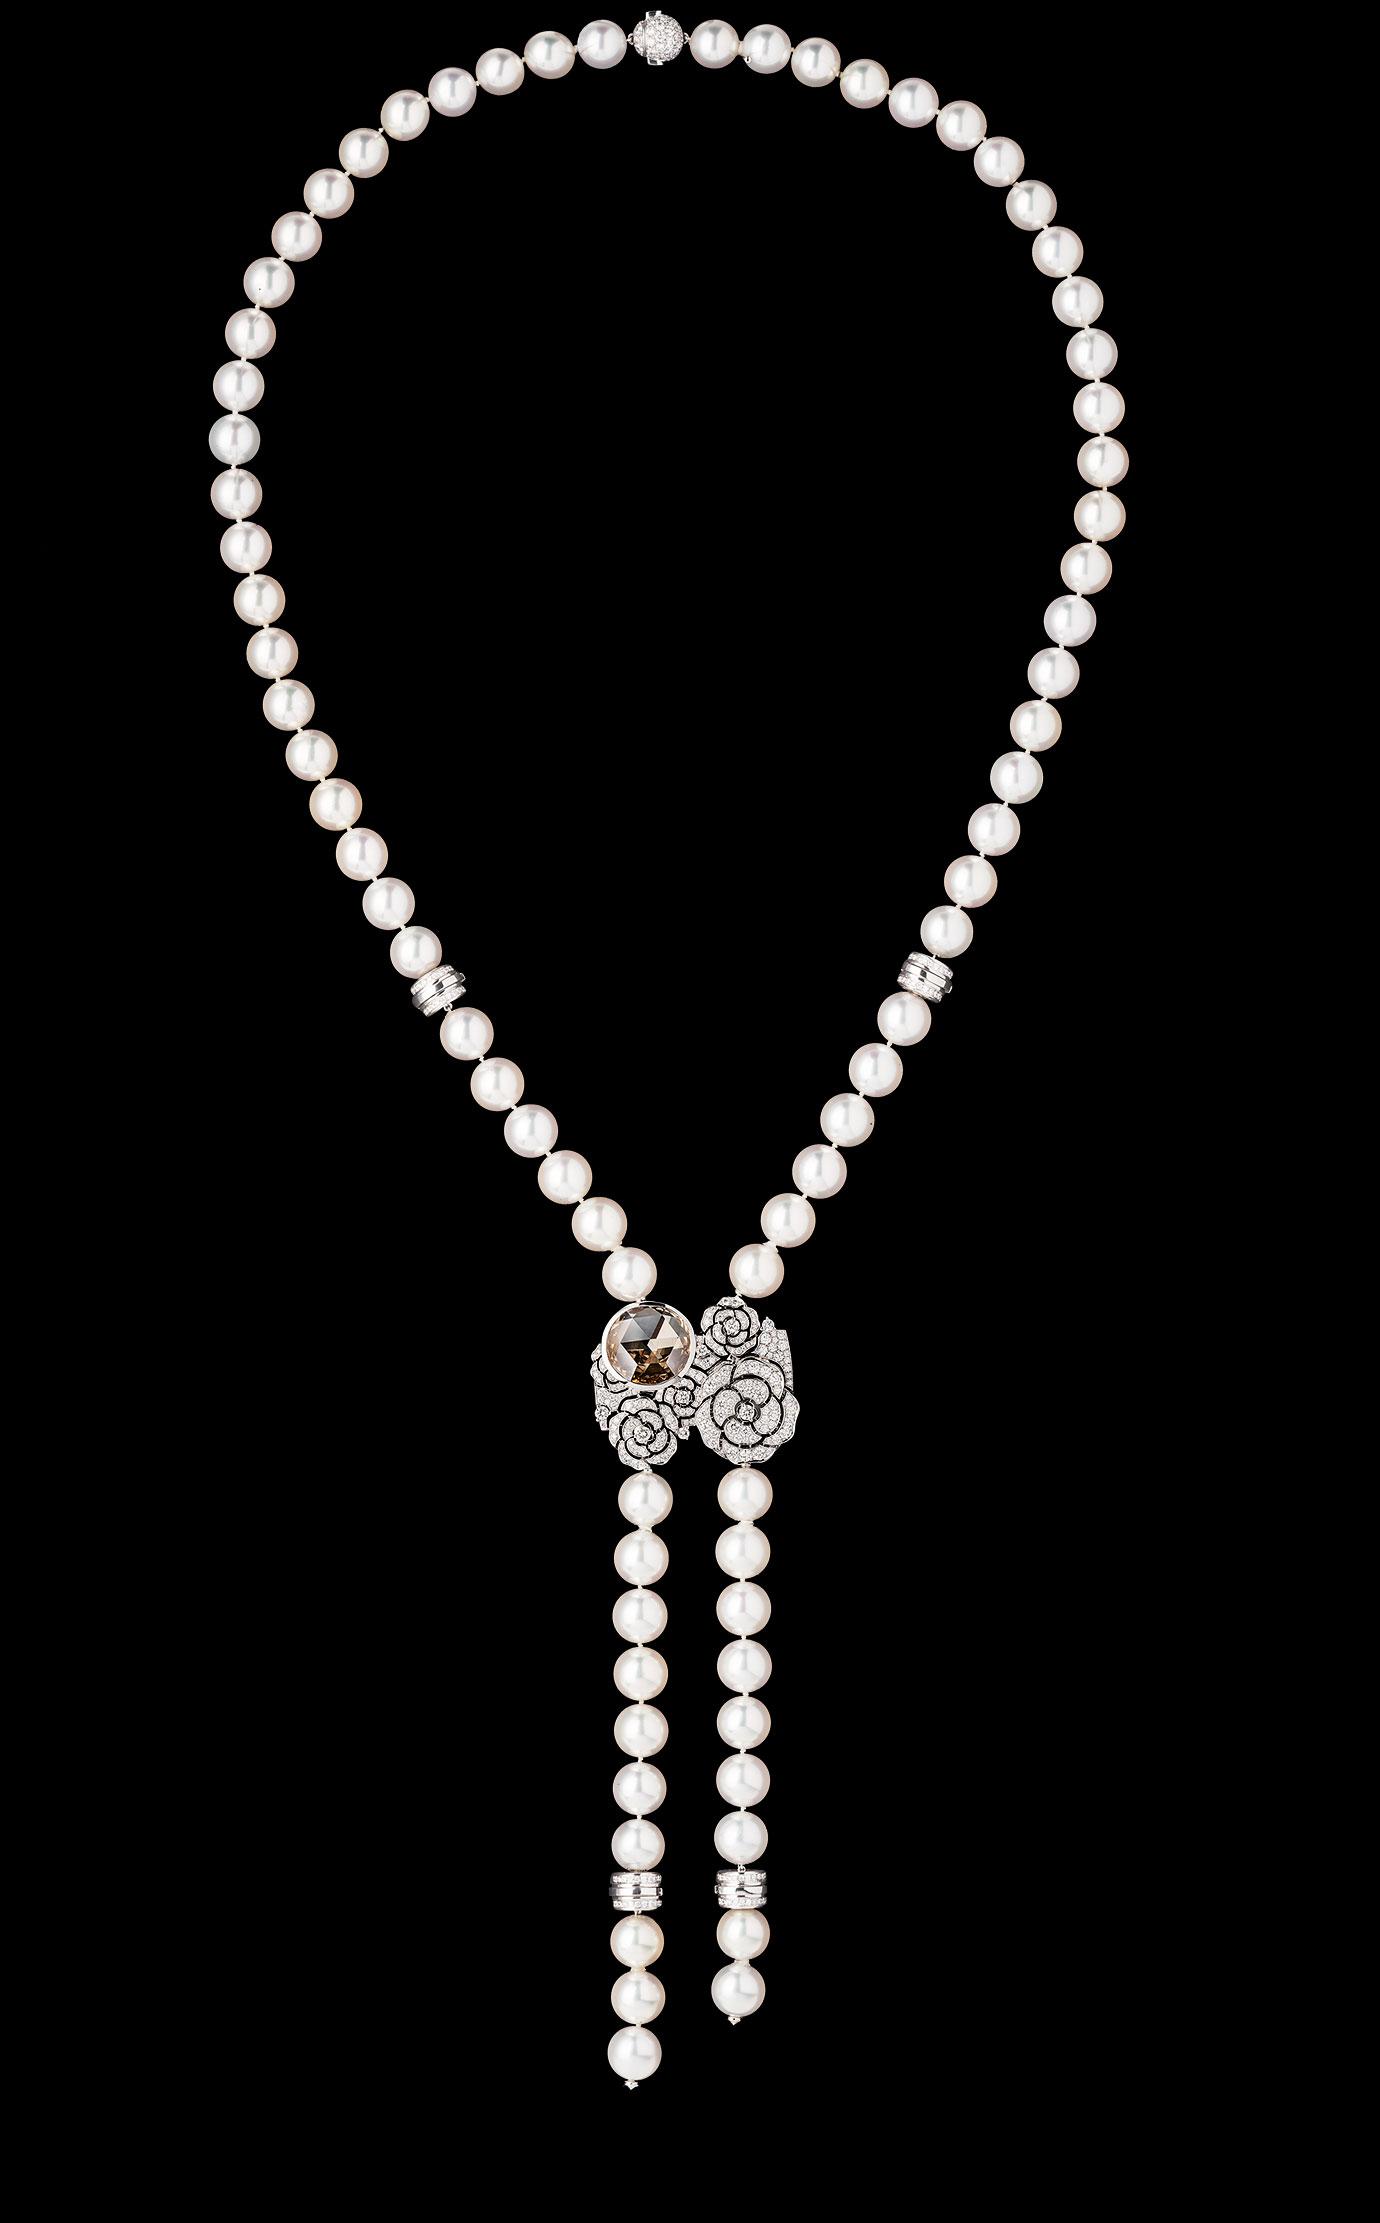 「Camélia」腕錶。可變換為手鍊的珍珠長項鍊,18K白金山茶花花束藏著一枚腕錶,鑲嵌503顆鑽石,其中一顆為重10克拉的彩棕黃色鑽石。 - 項鍊